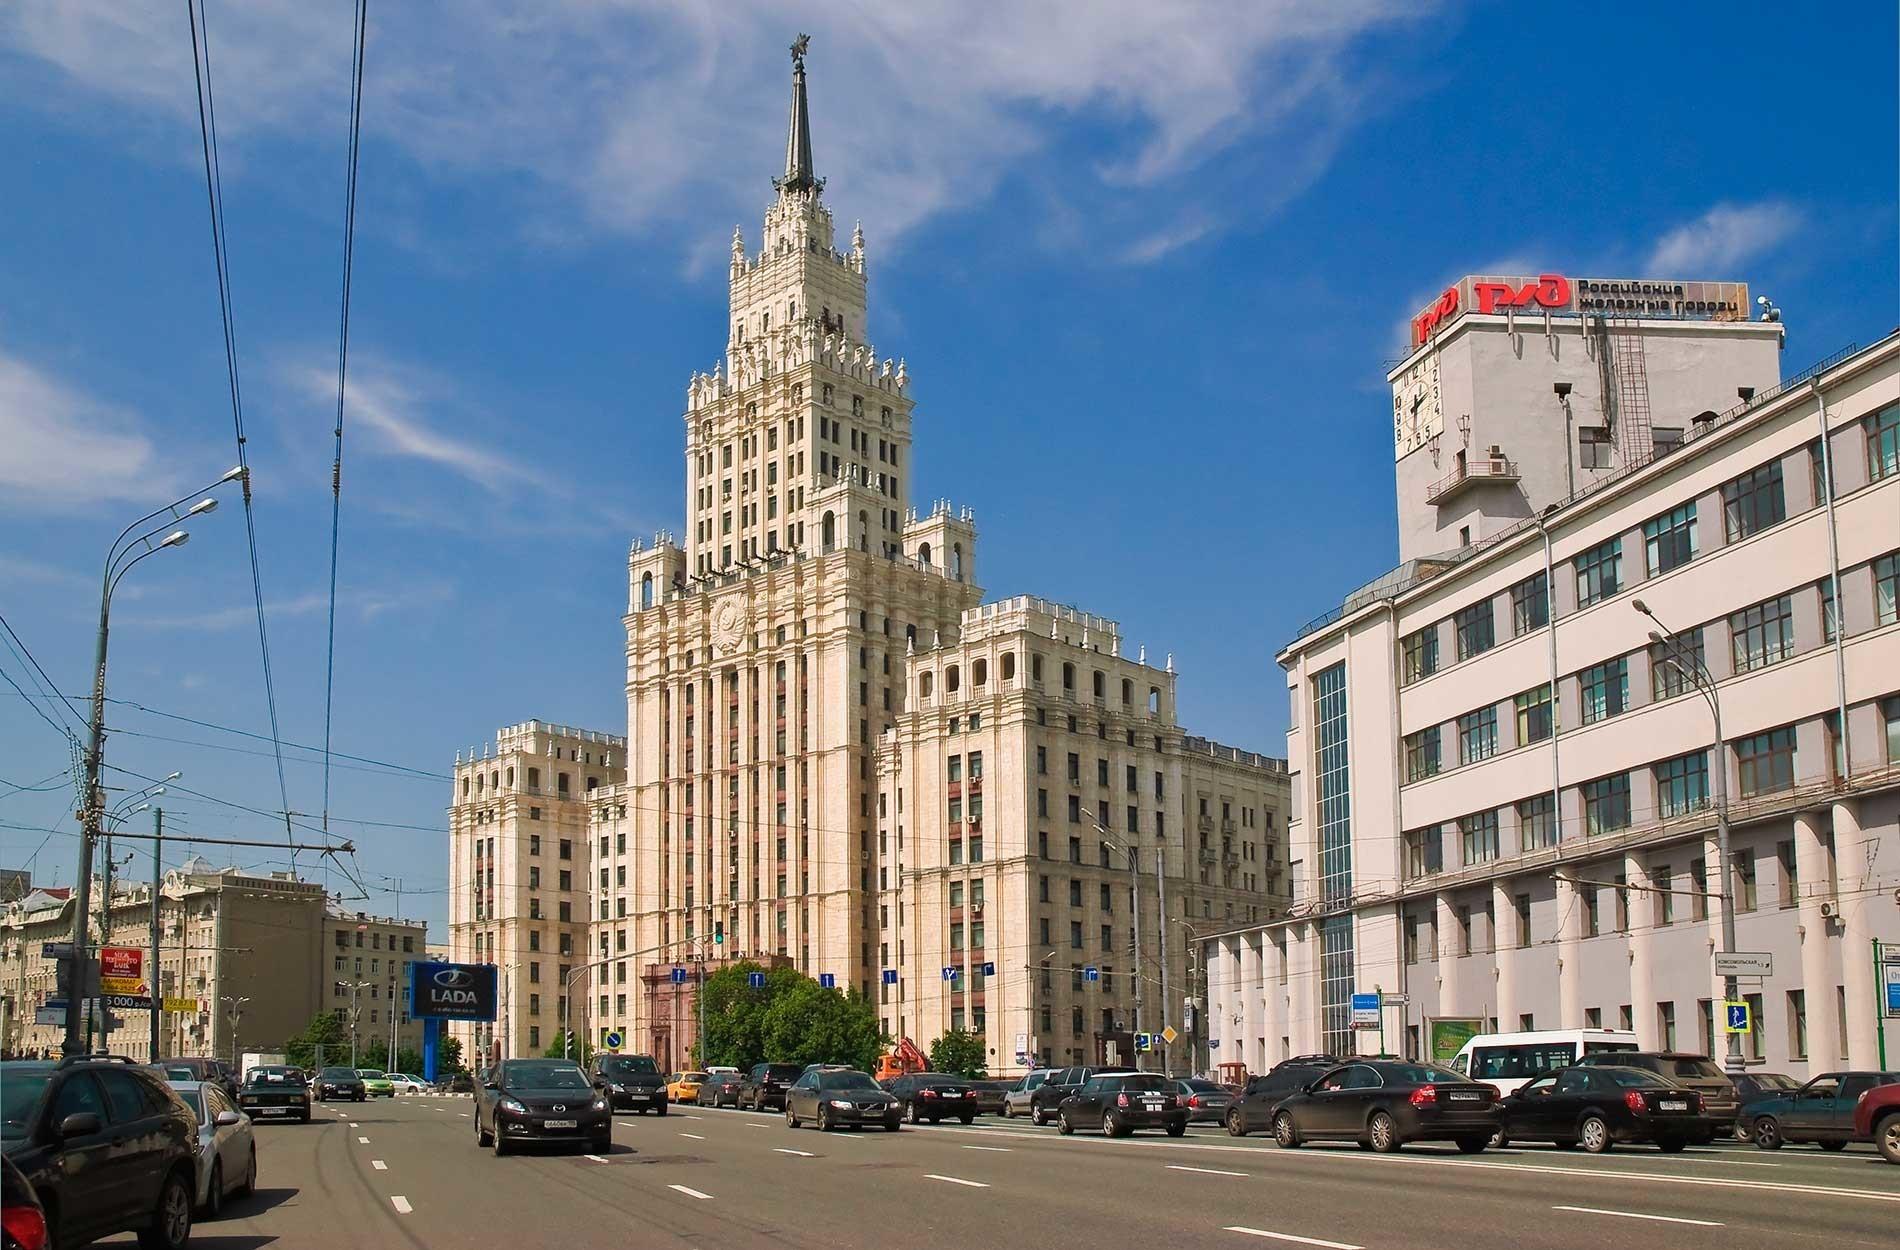 Arranha-céus da região de Krásnie Voróta, em Moscou.